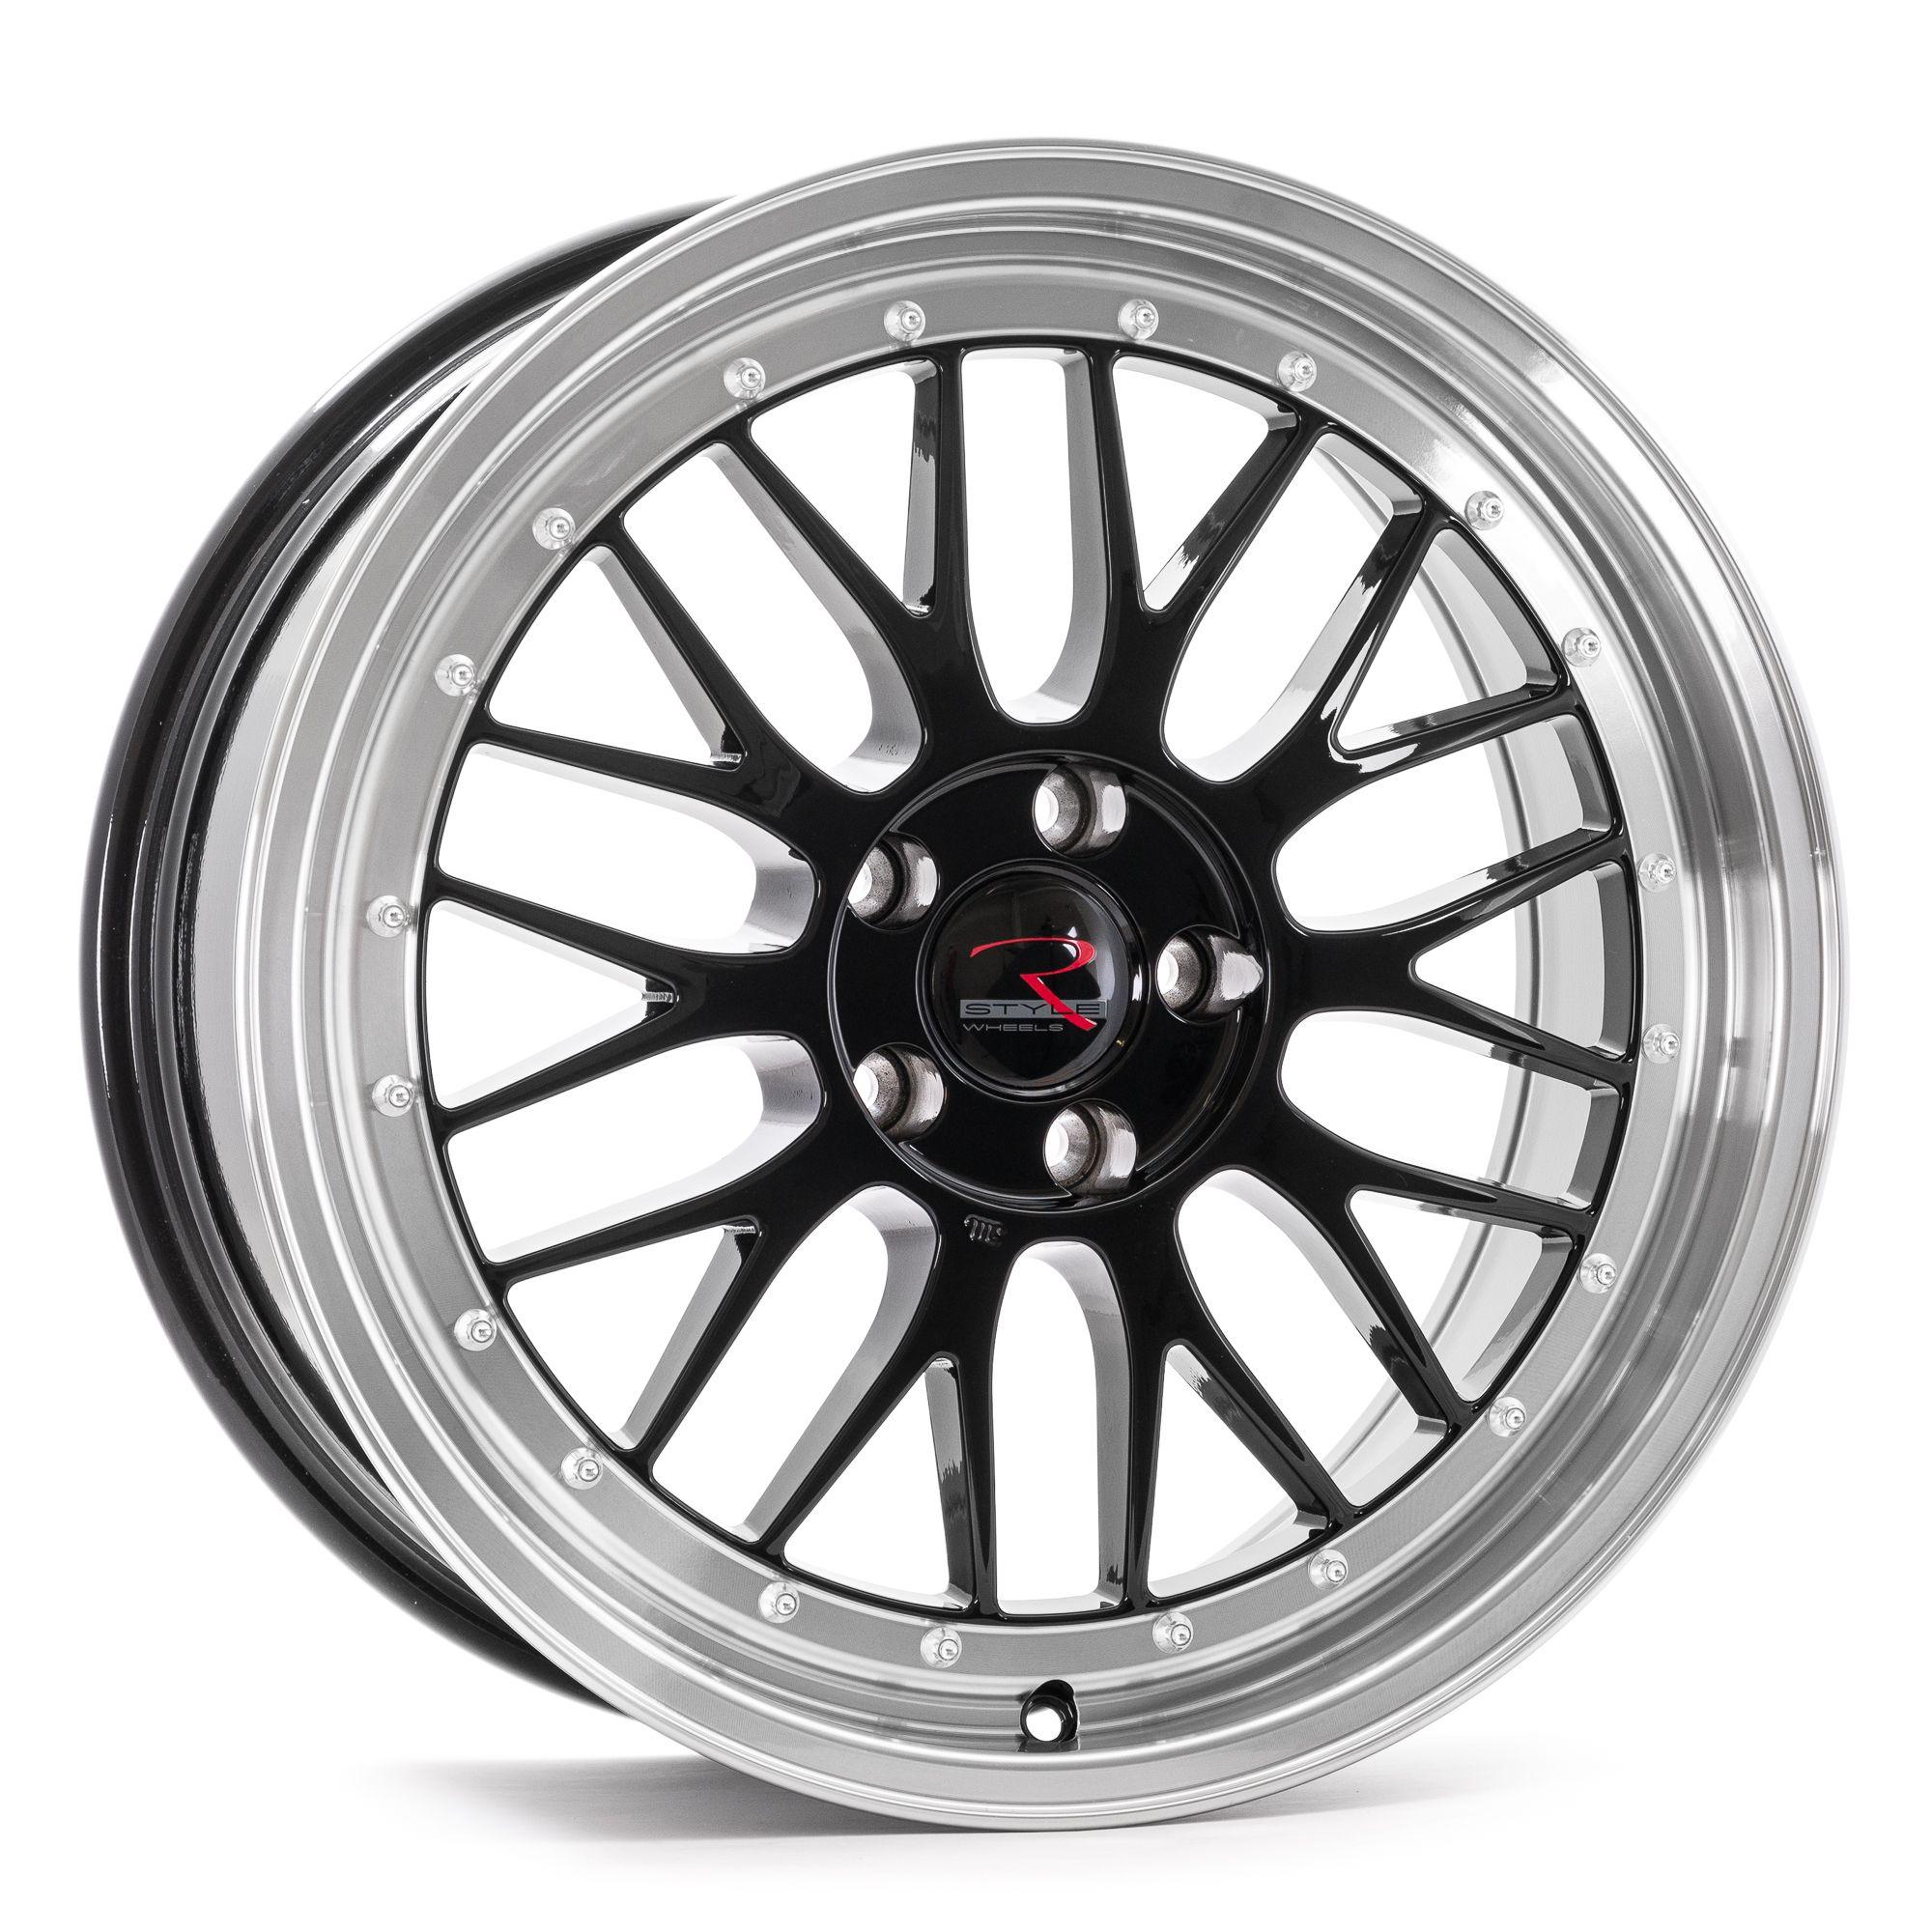 rstyle wheels rs03 felgen black horn polished schwarz. Black Bedroom Furniture Sets. Home Design Ideas